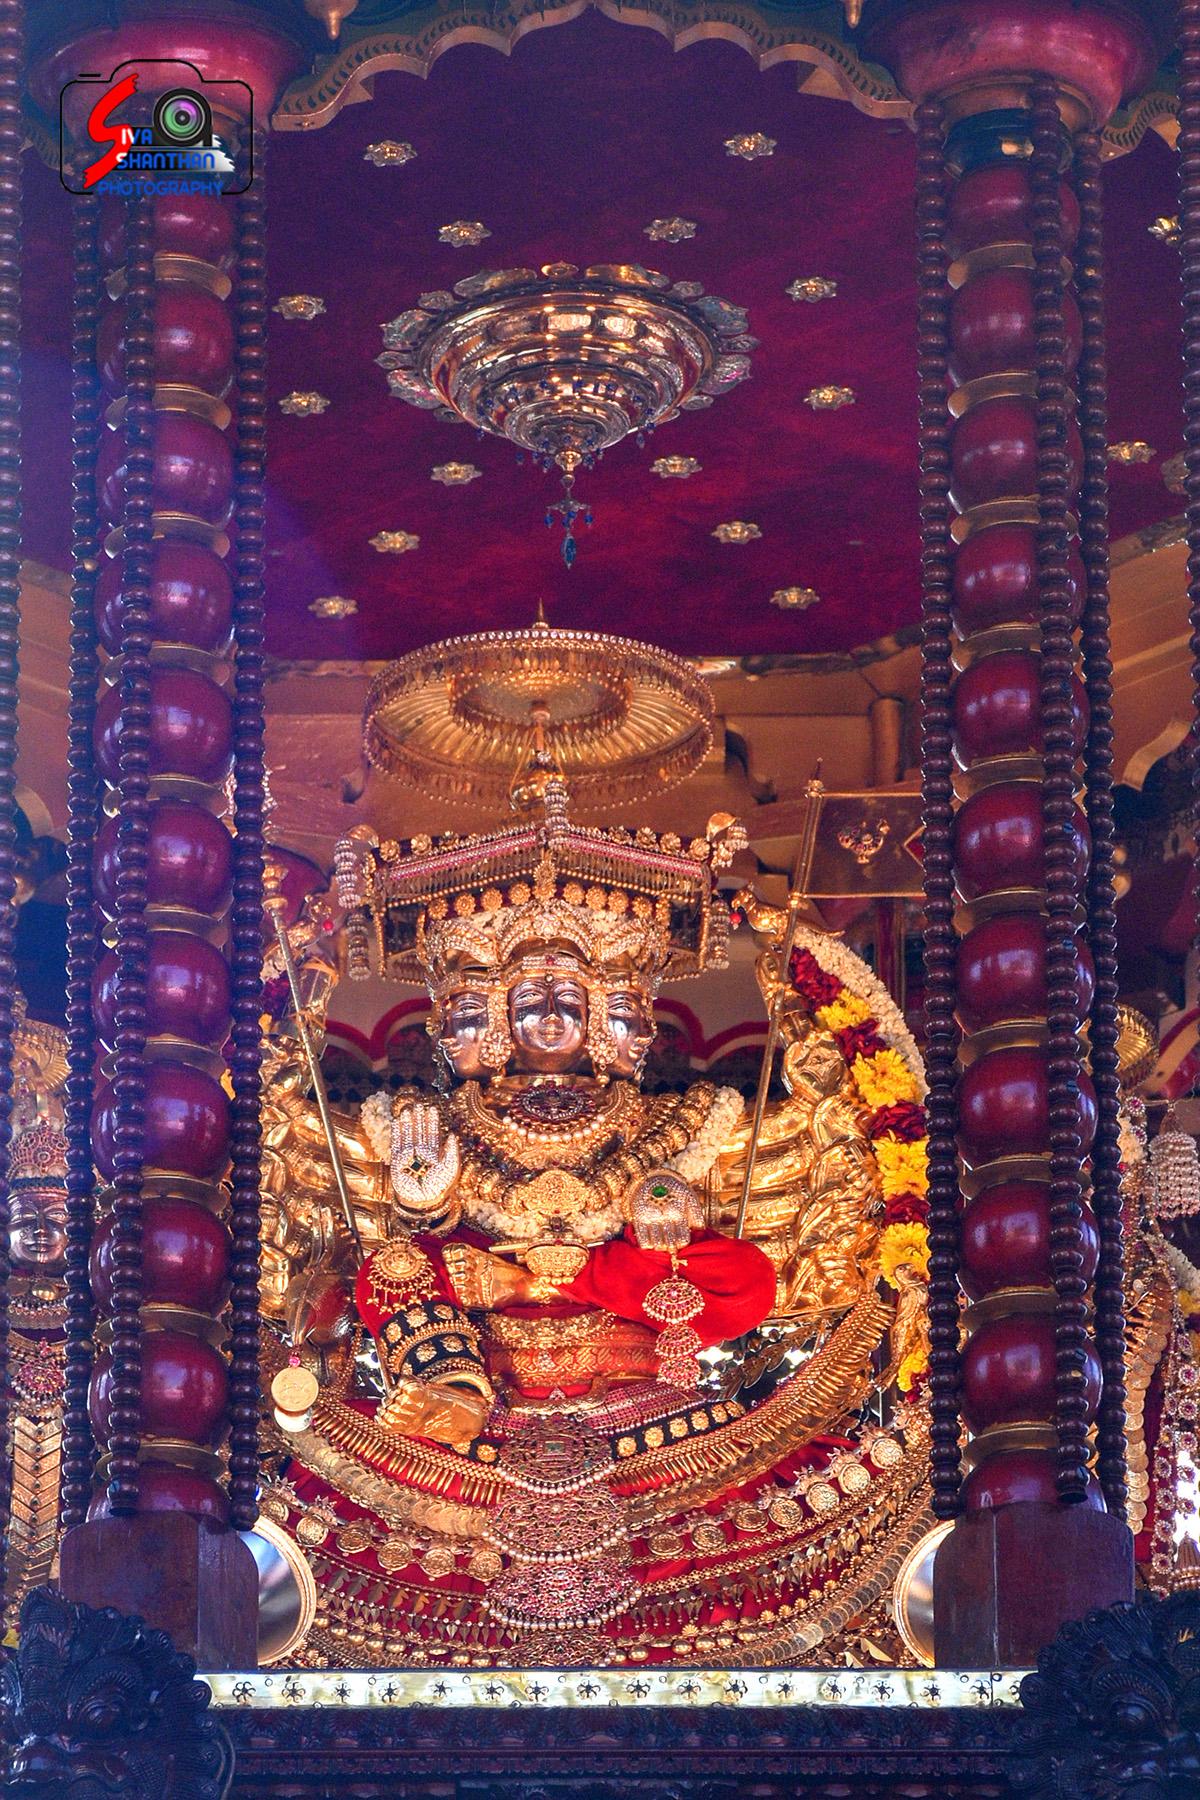 யாழ்ப்பாணம் – நல்லூர் கந்தசுவாமி கோவில் தேர்த்திருவிழா - படங்கள் மற்றும் வீடியோ 12